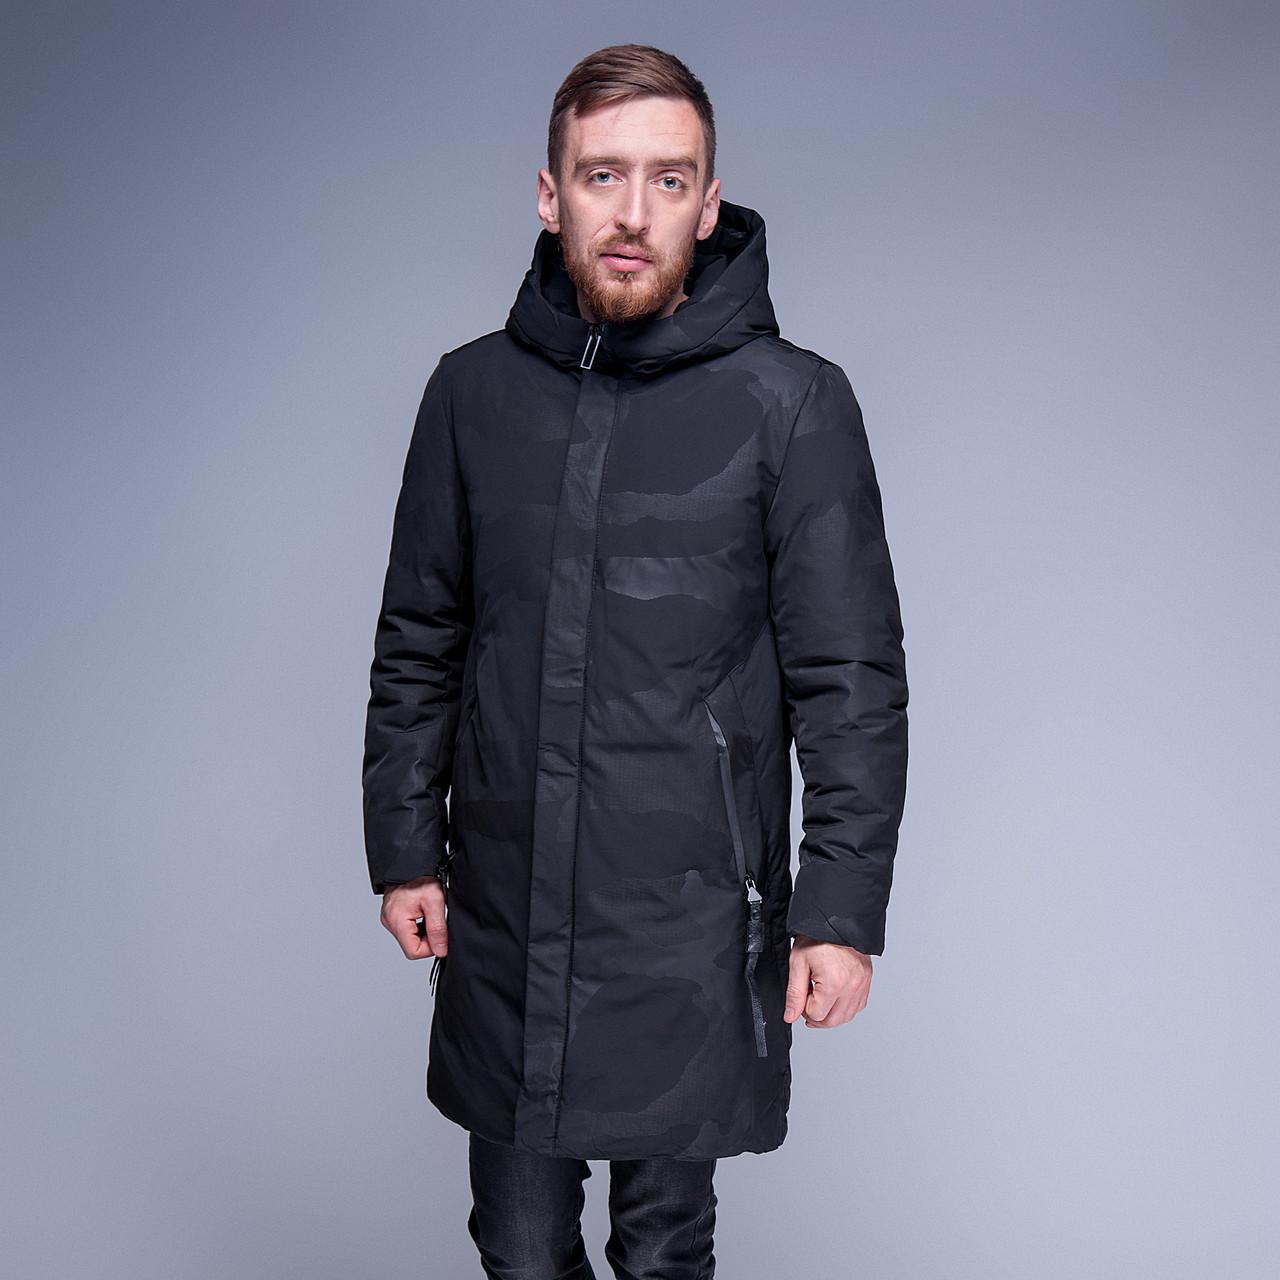 Чоловіча зимова куртка (камуфляж), чорного кольору.